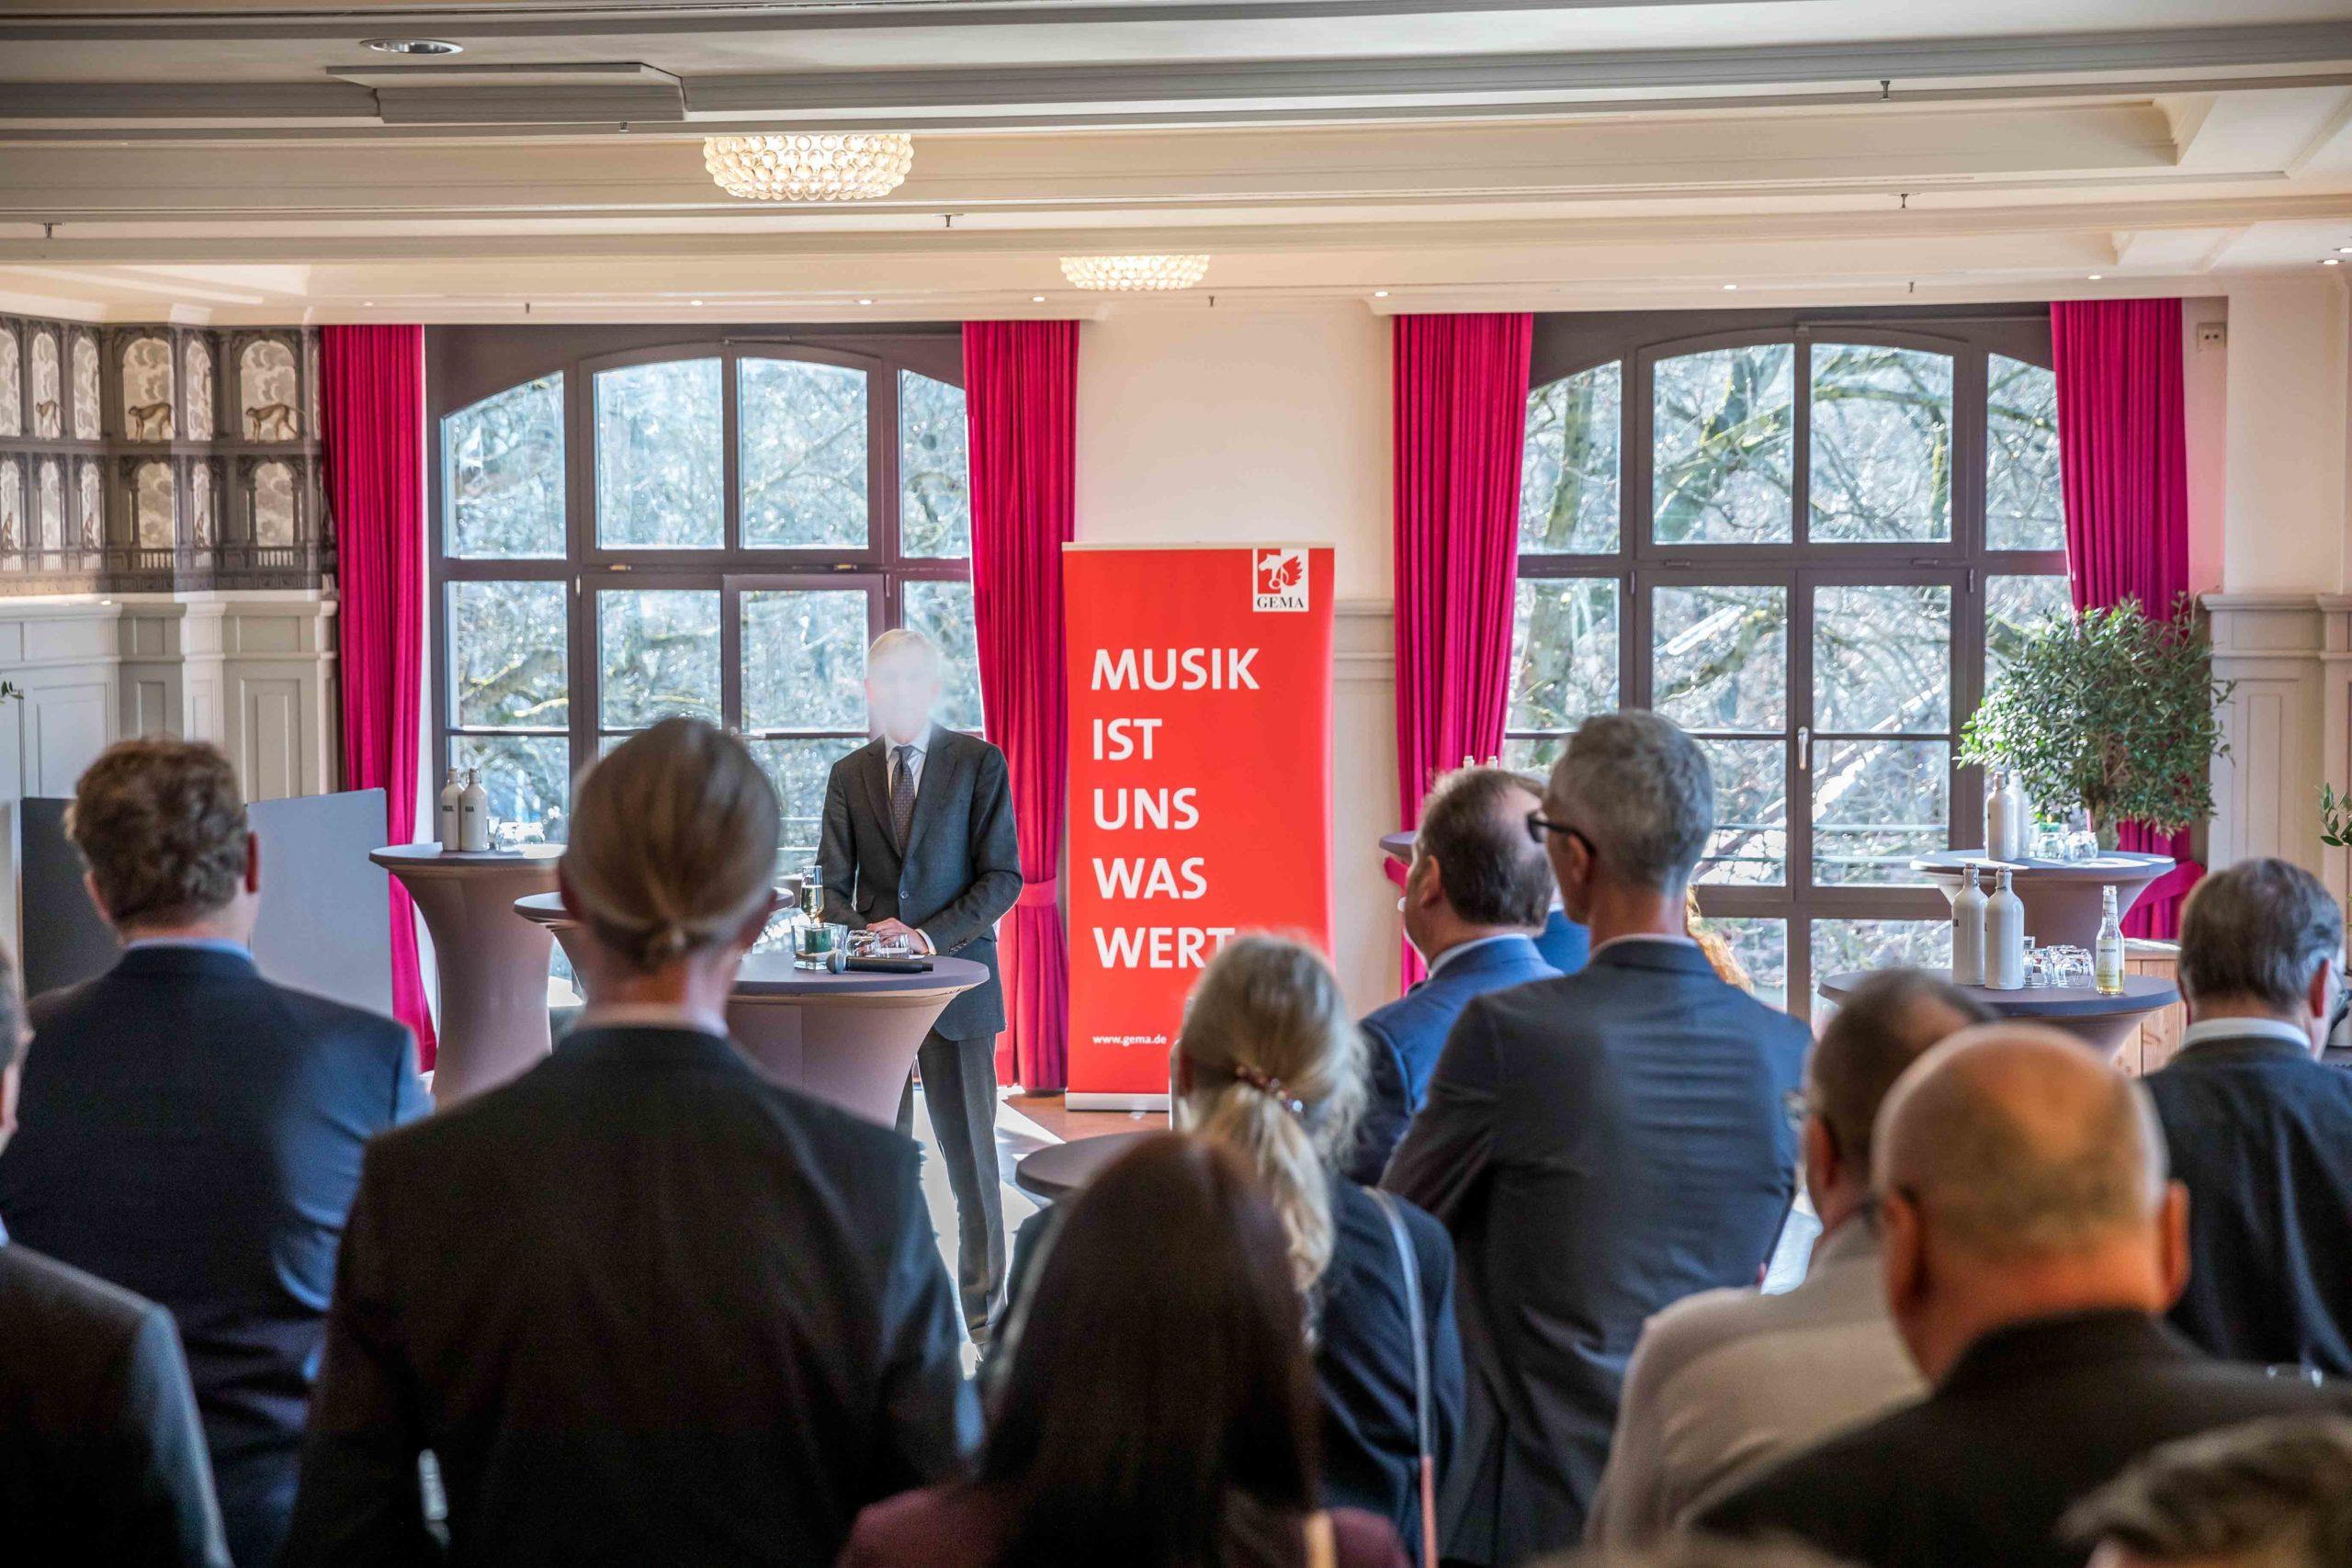 Eventfotografie Events München Anja Richter Fotografie GEMA NE 2020-64